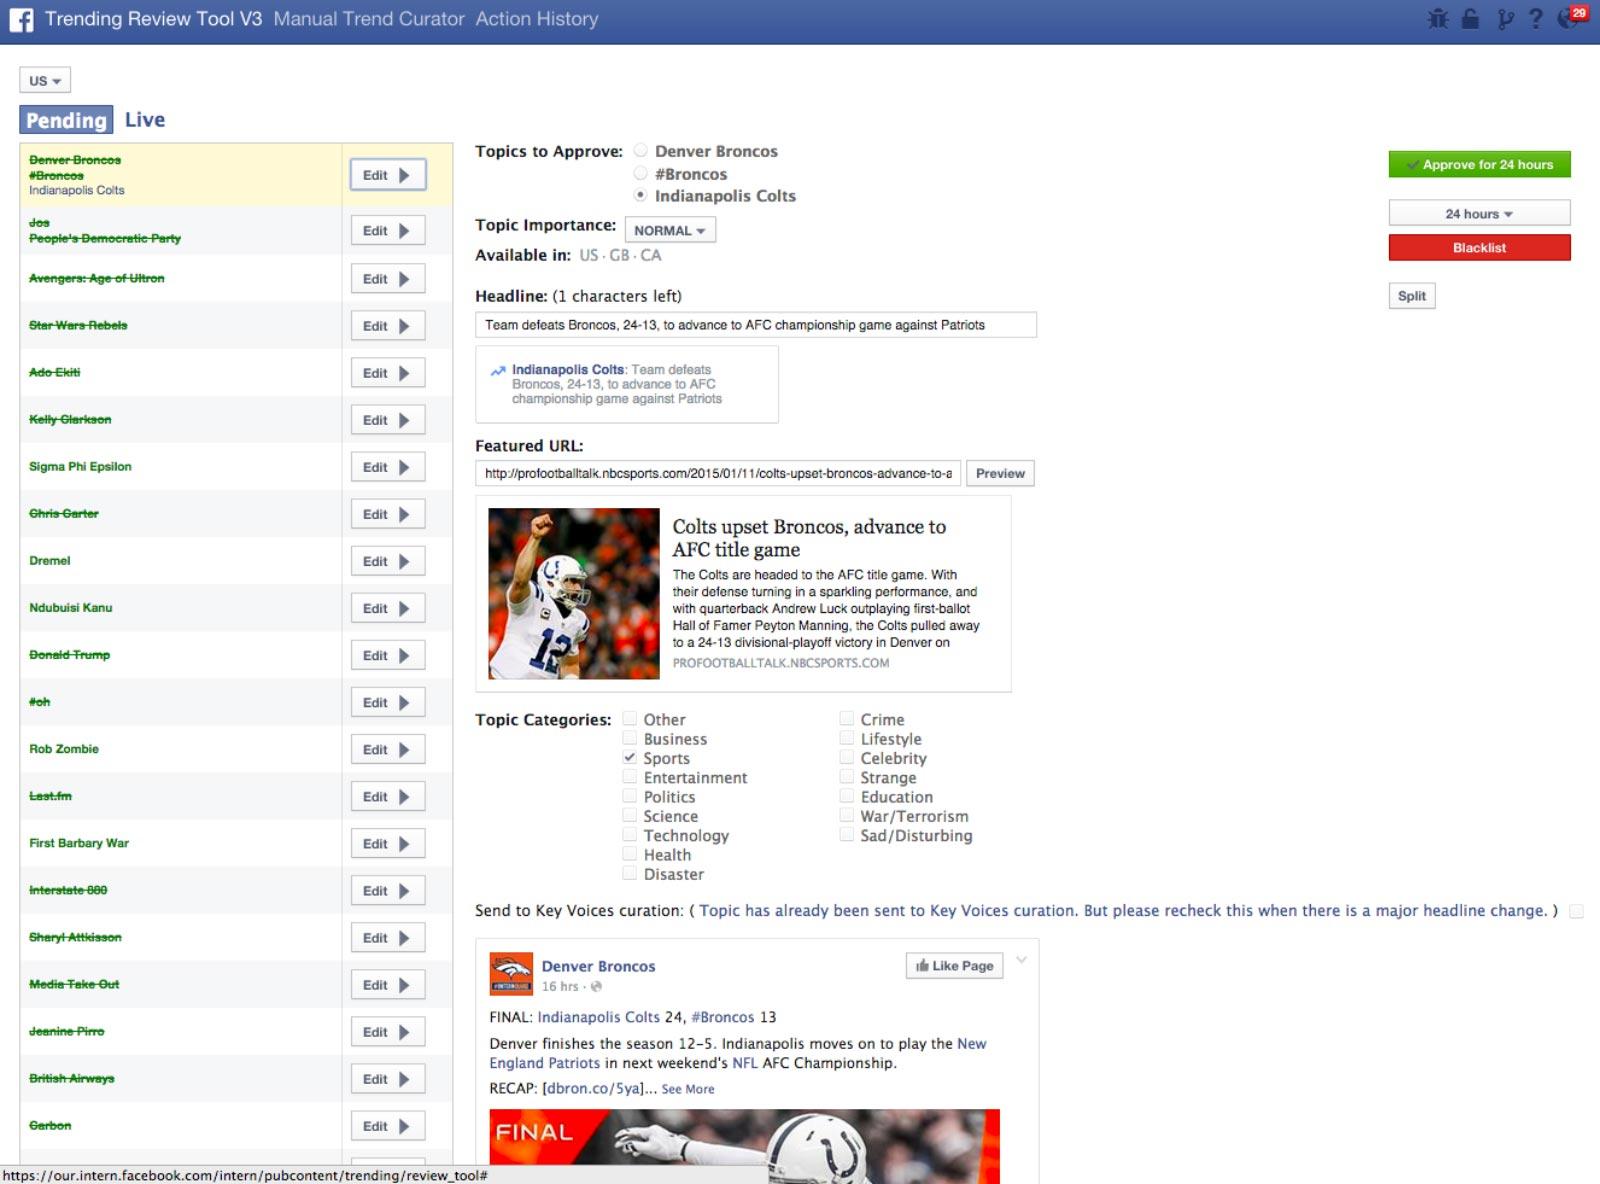 La capture d'écran du Review Tool, dont la largeur a été modifiée pour en faciliter la consultation.